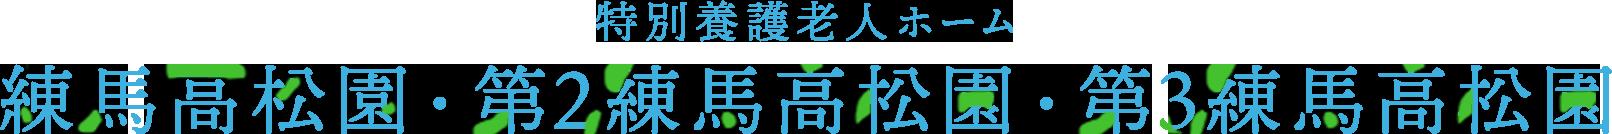 特別養護老人ホーム 練馬高松園・第2練馬高松園・第3練馬高松園